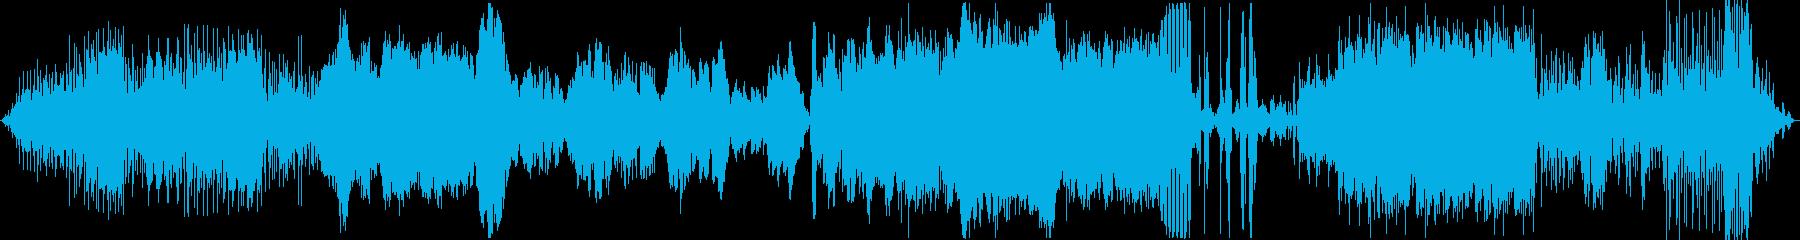 土着的なリズムを感じるアンビエント曲の再生済みの波形